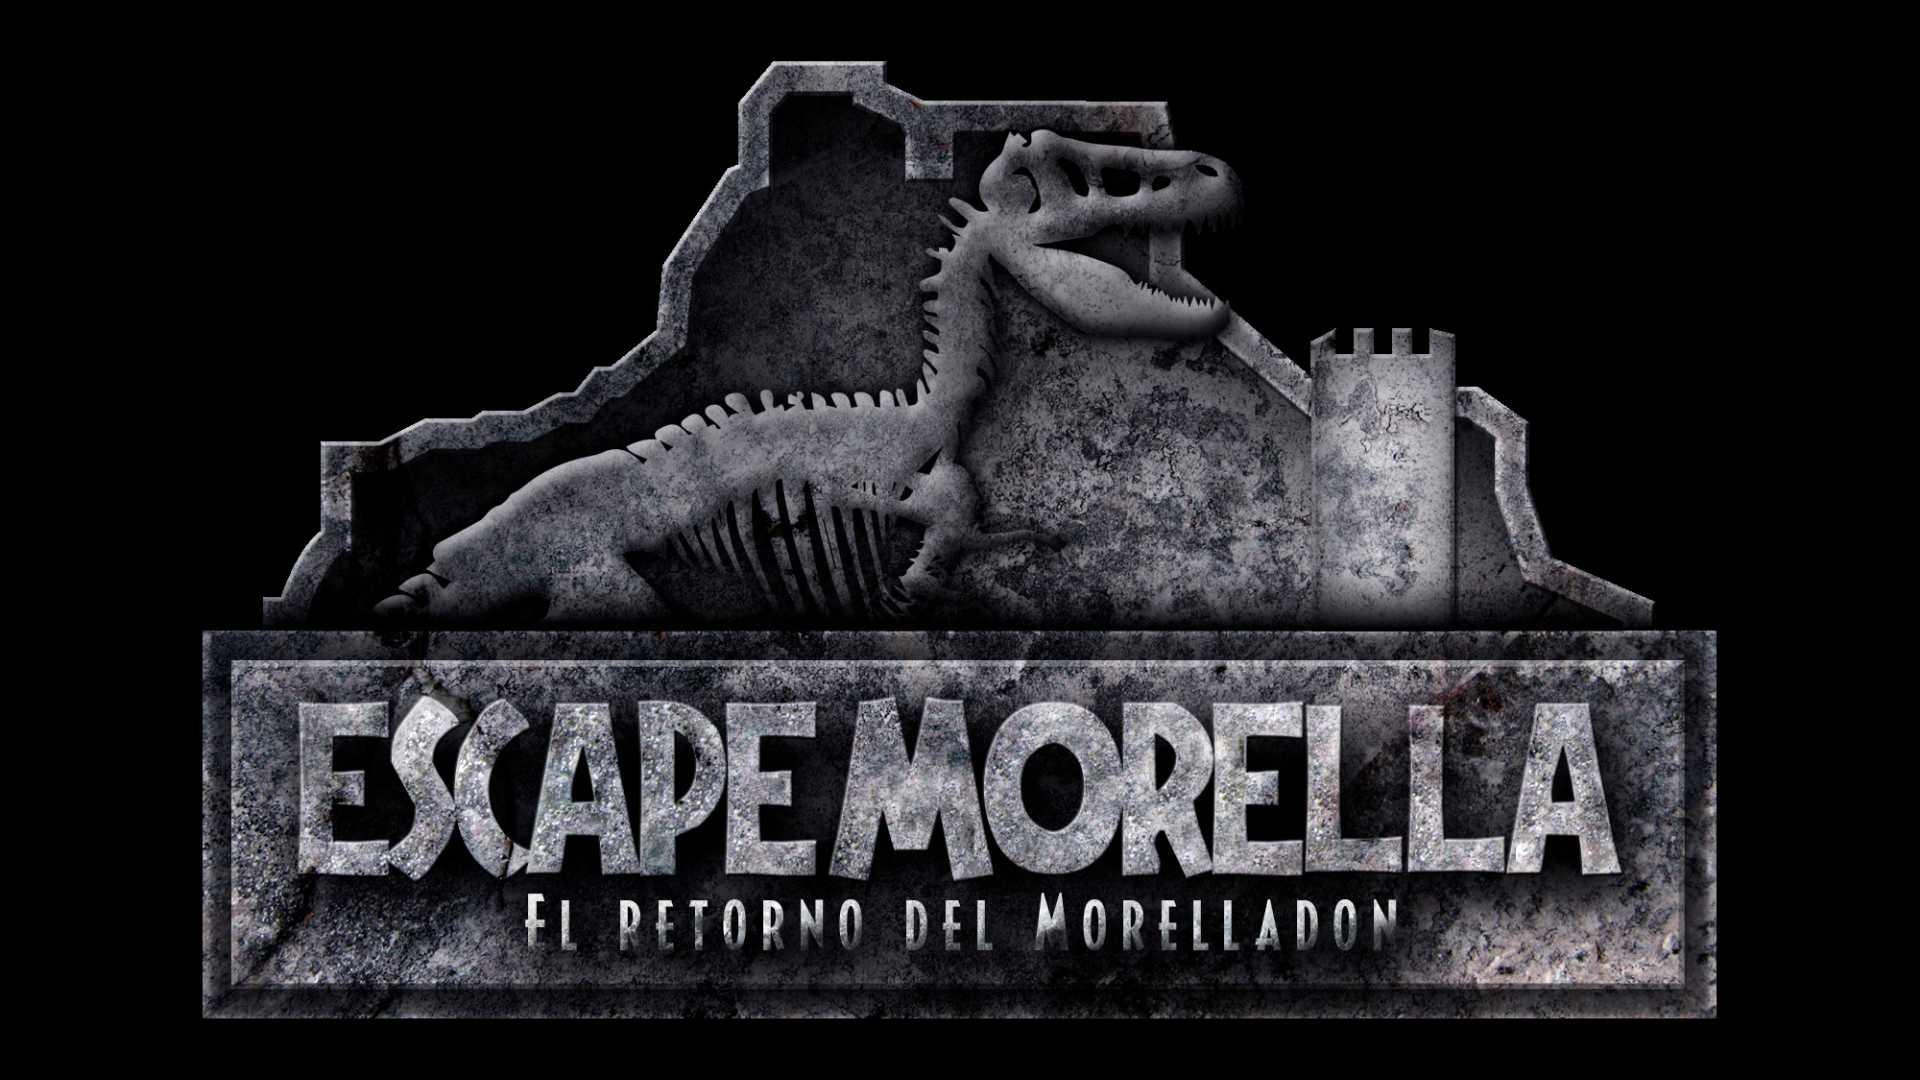 Escape Morella: El Retorno Del Morelladon